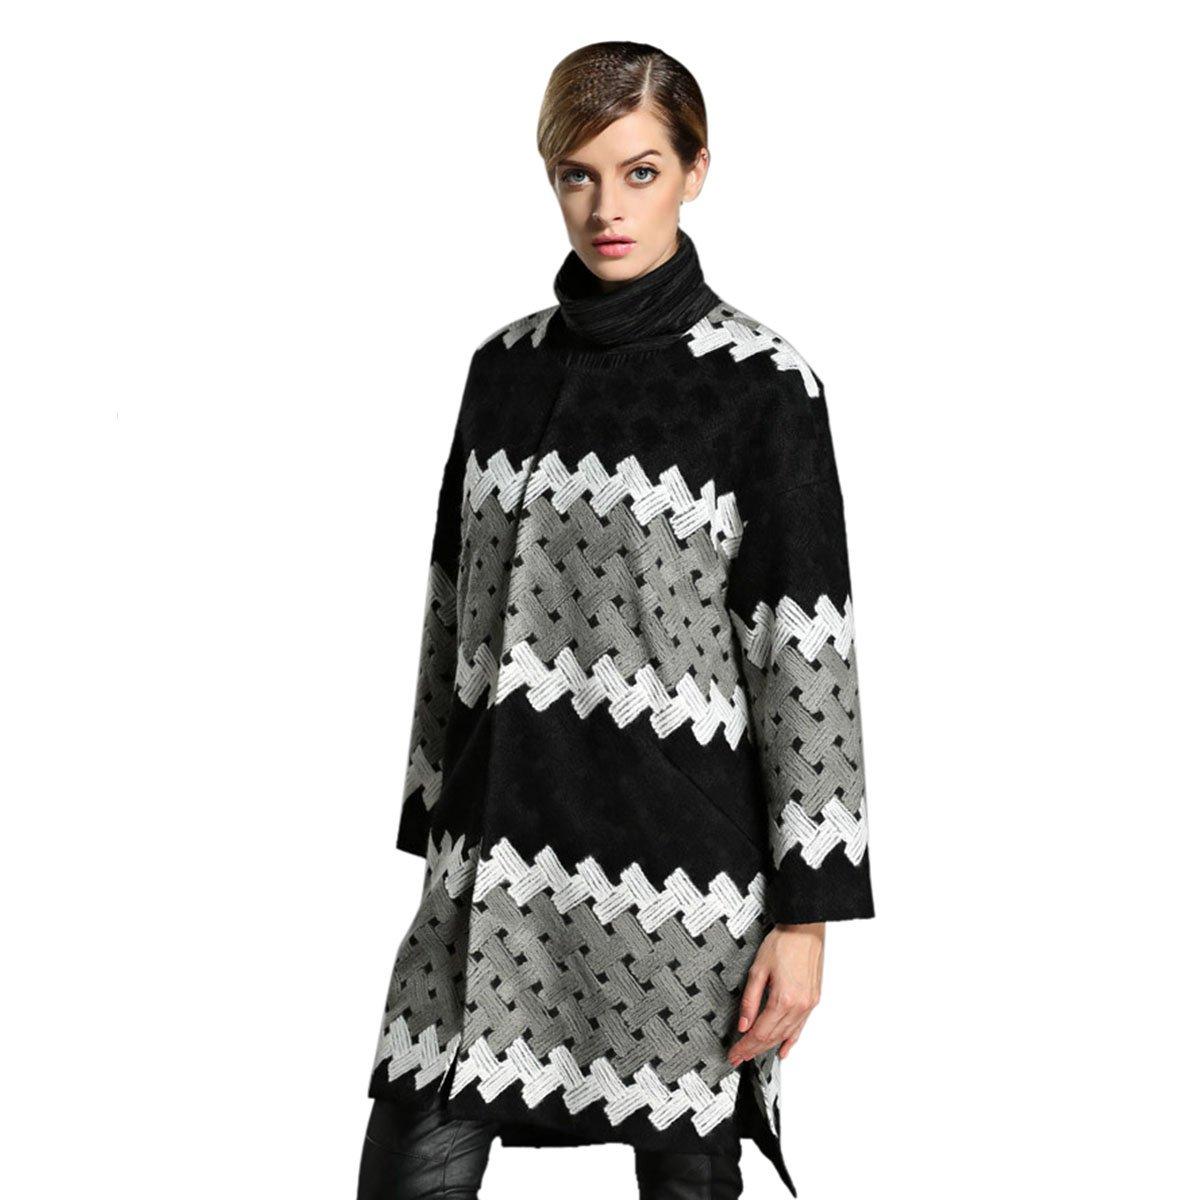 HUASHI Womens Fashion Grid Warm Winter Coat Grey-Black,18W